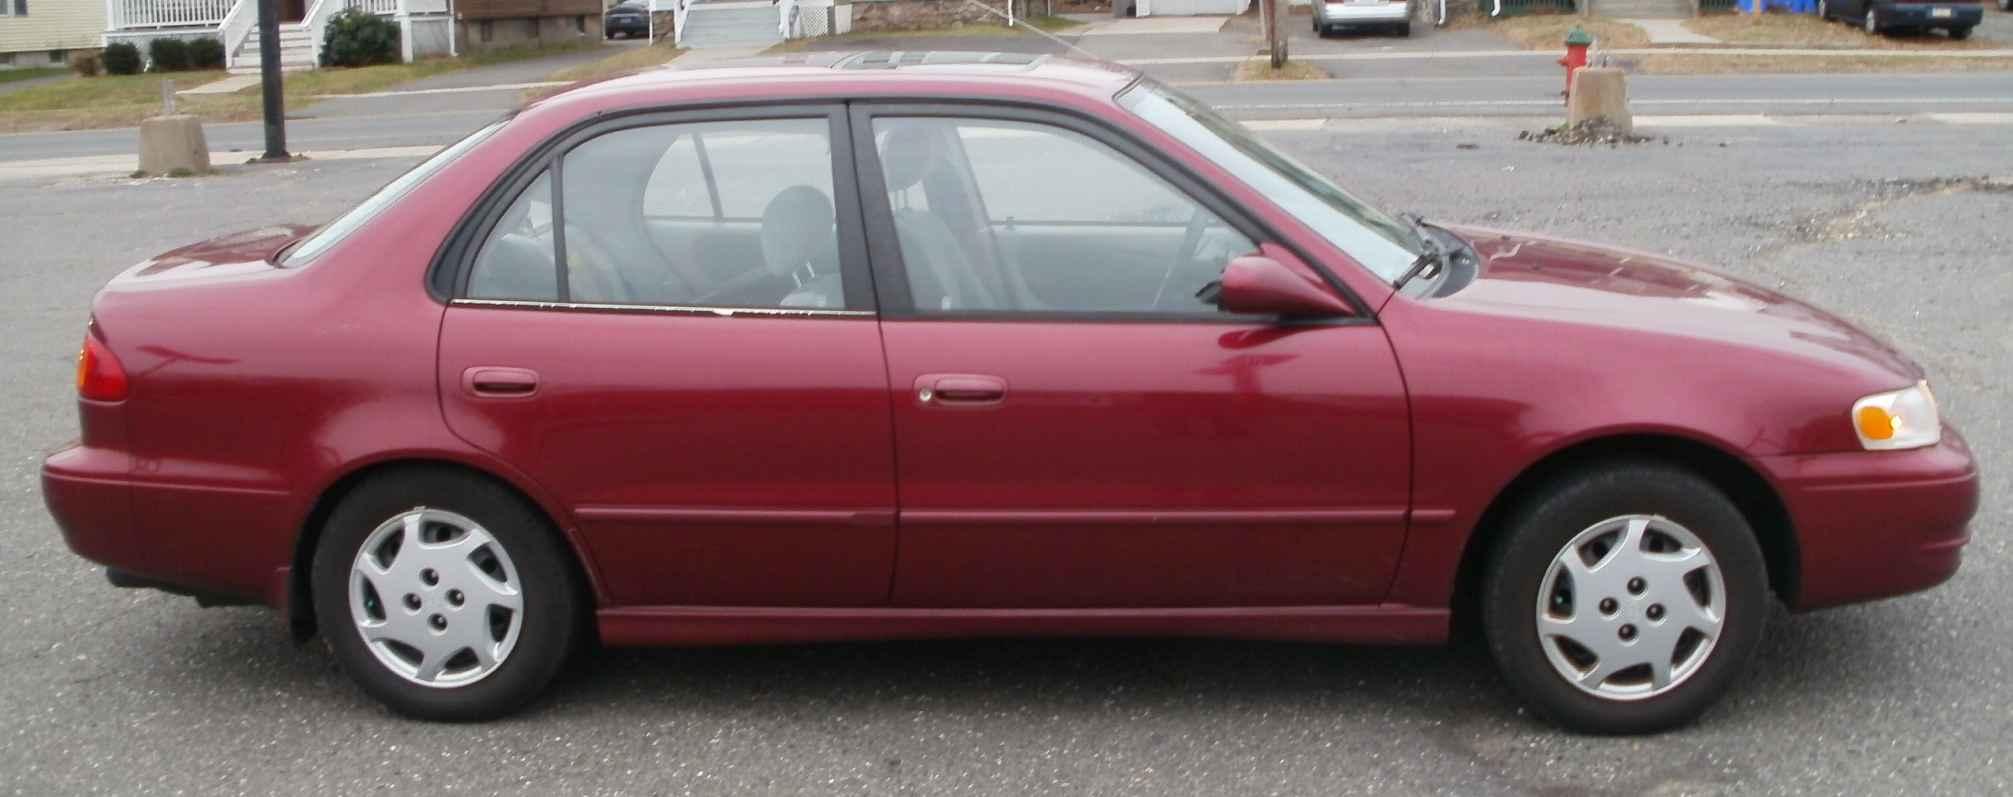 1999 Toyota Corolla Image 1